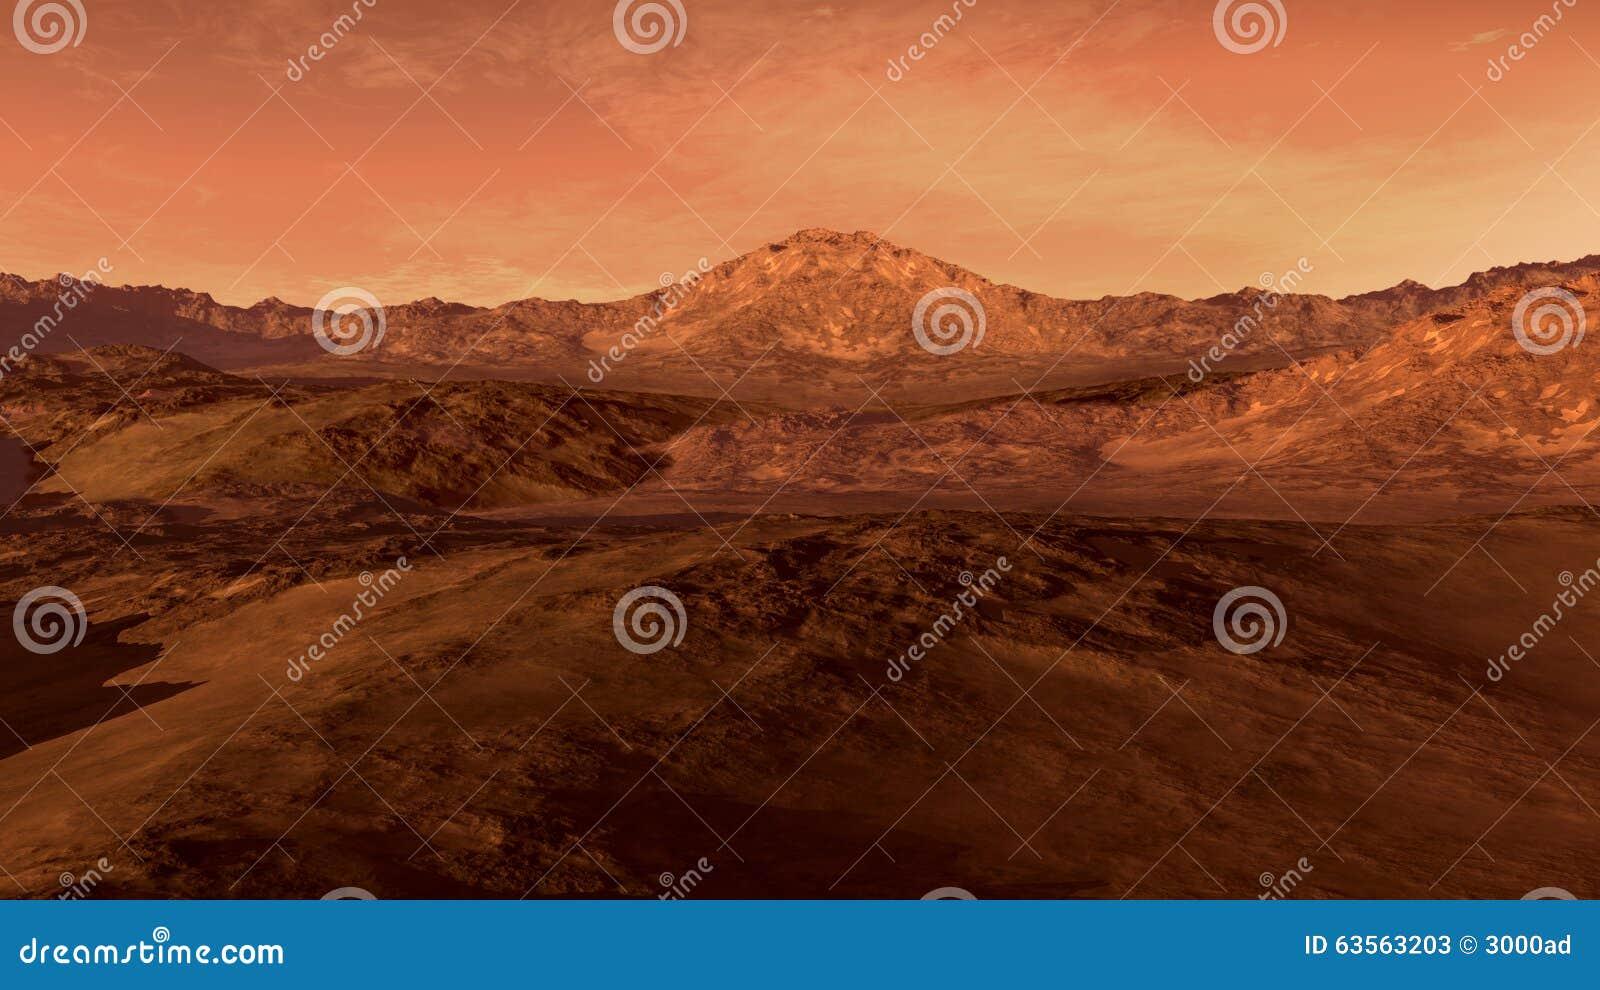 Marte le gusta el planeta rojo